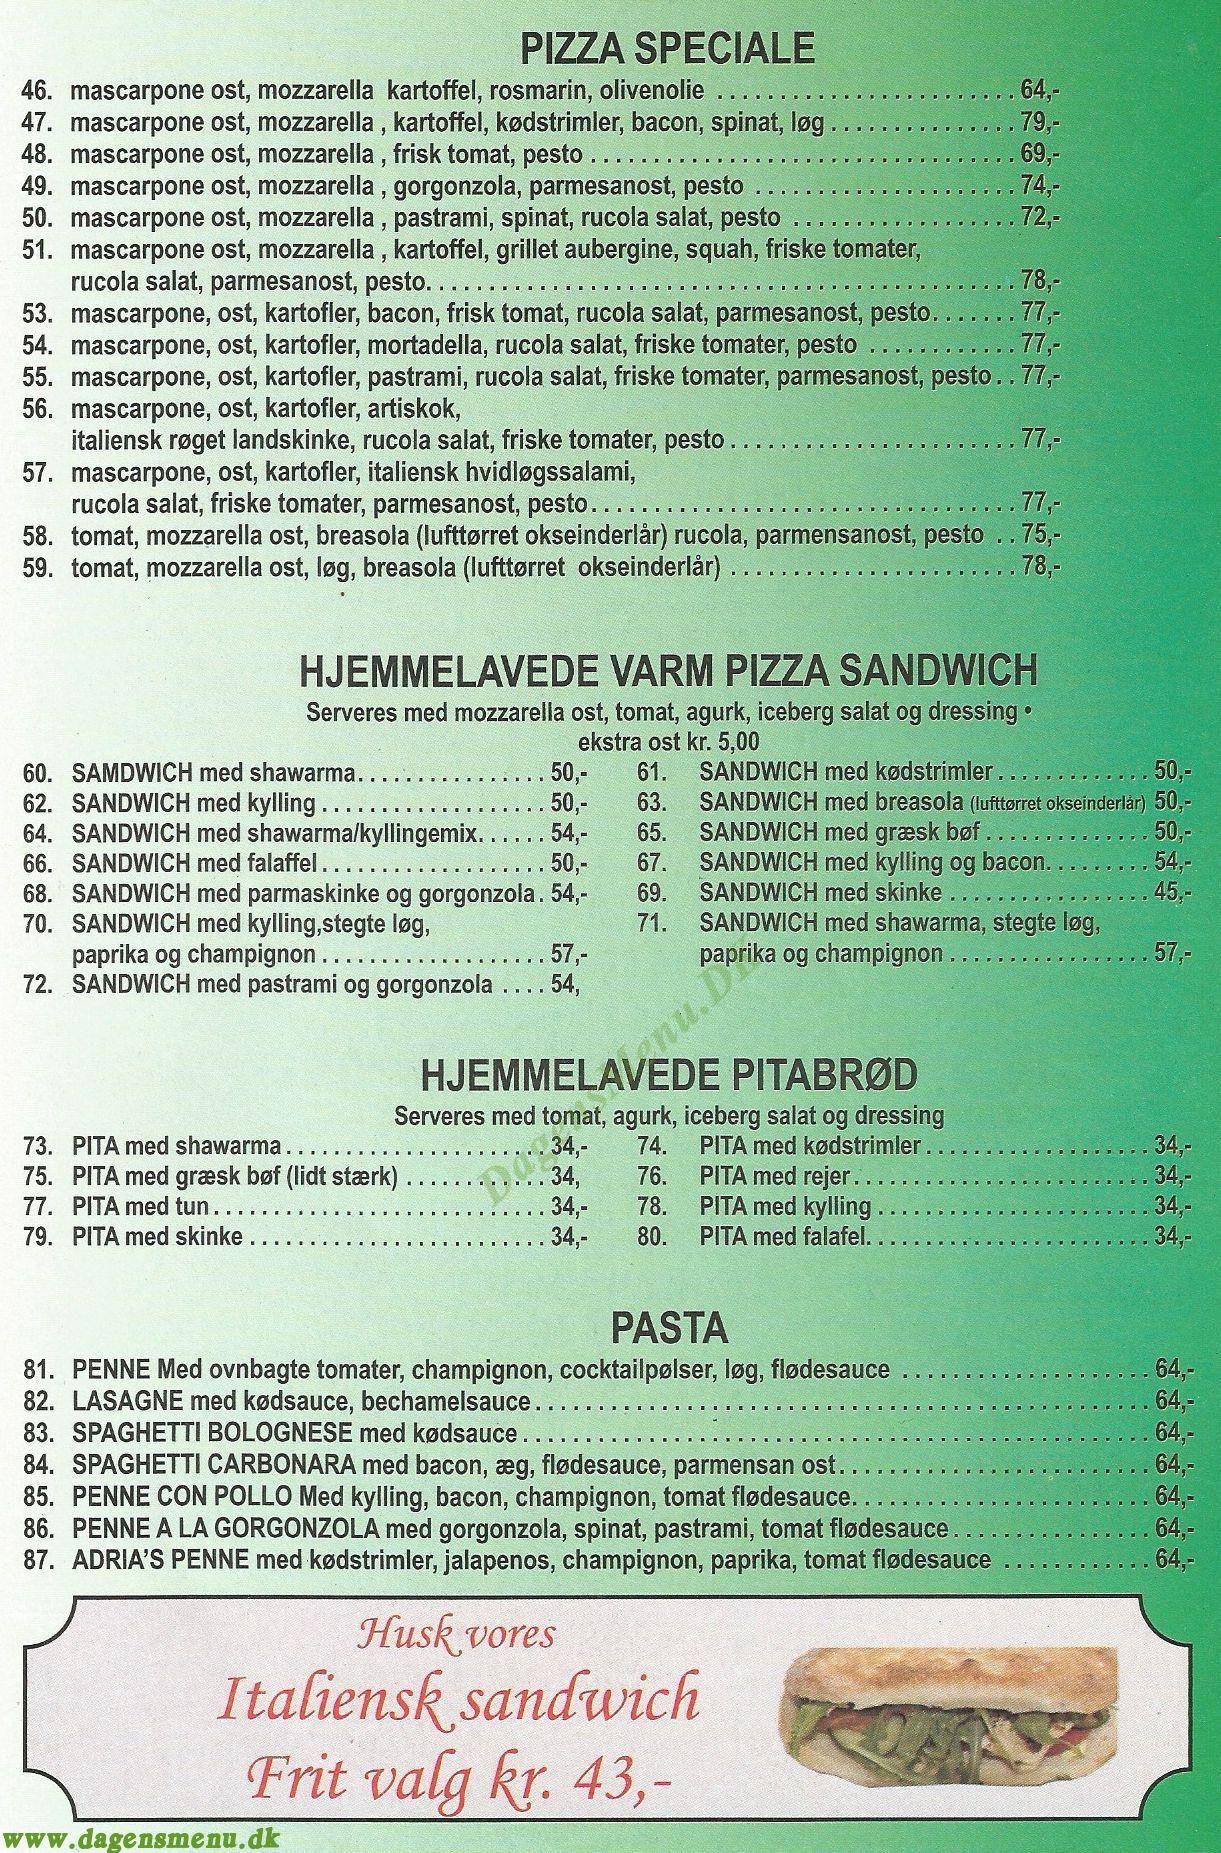 ADRIA PIZZA - Menukort